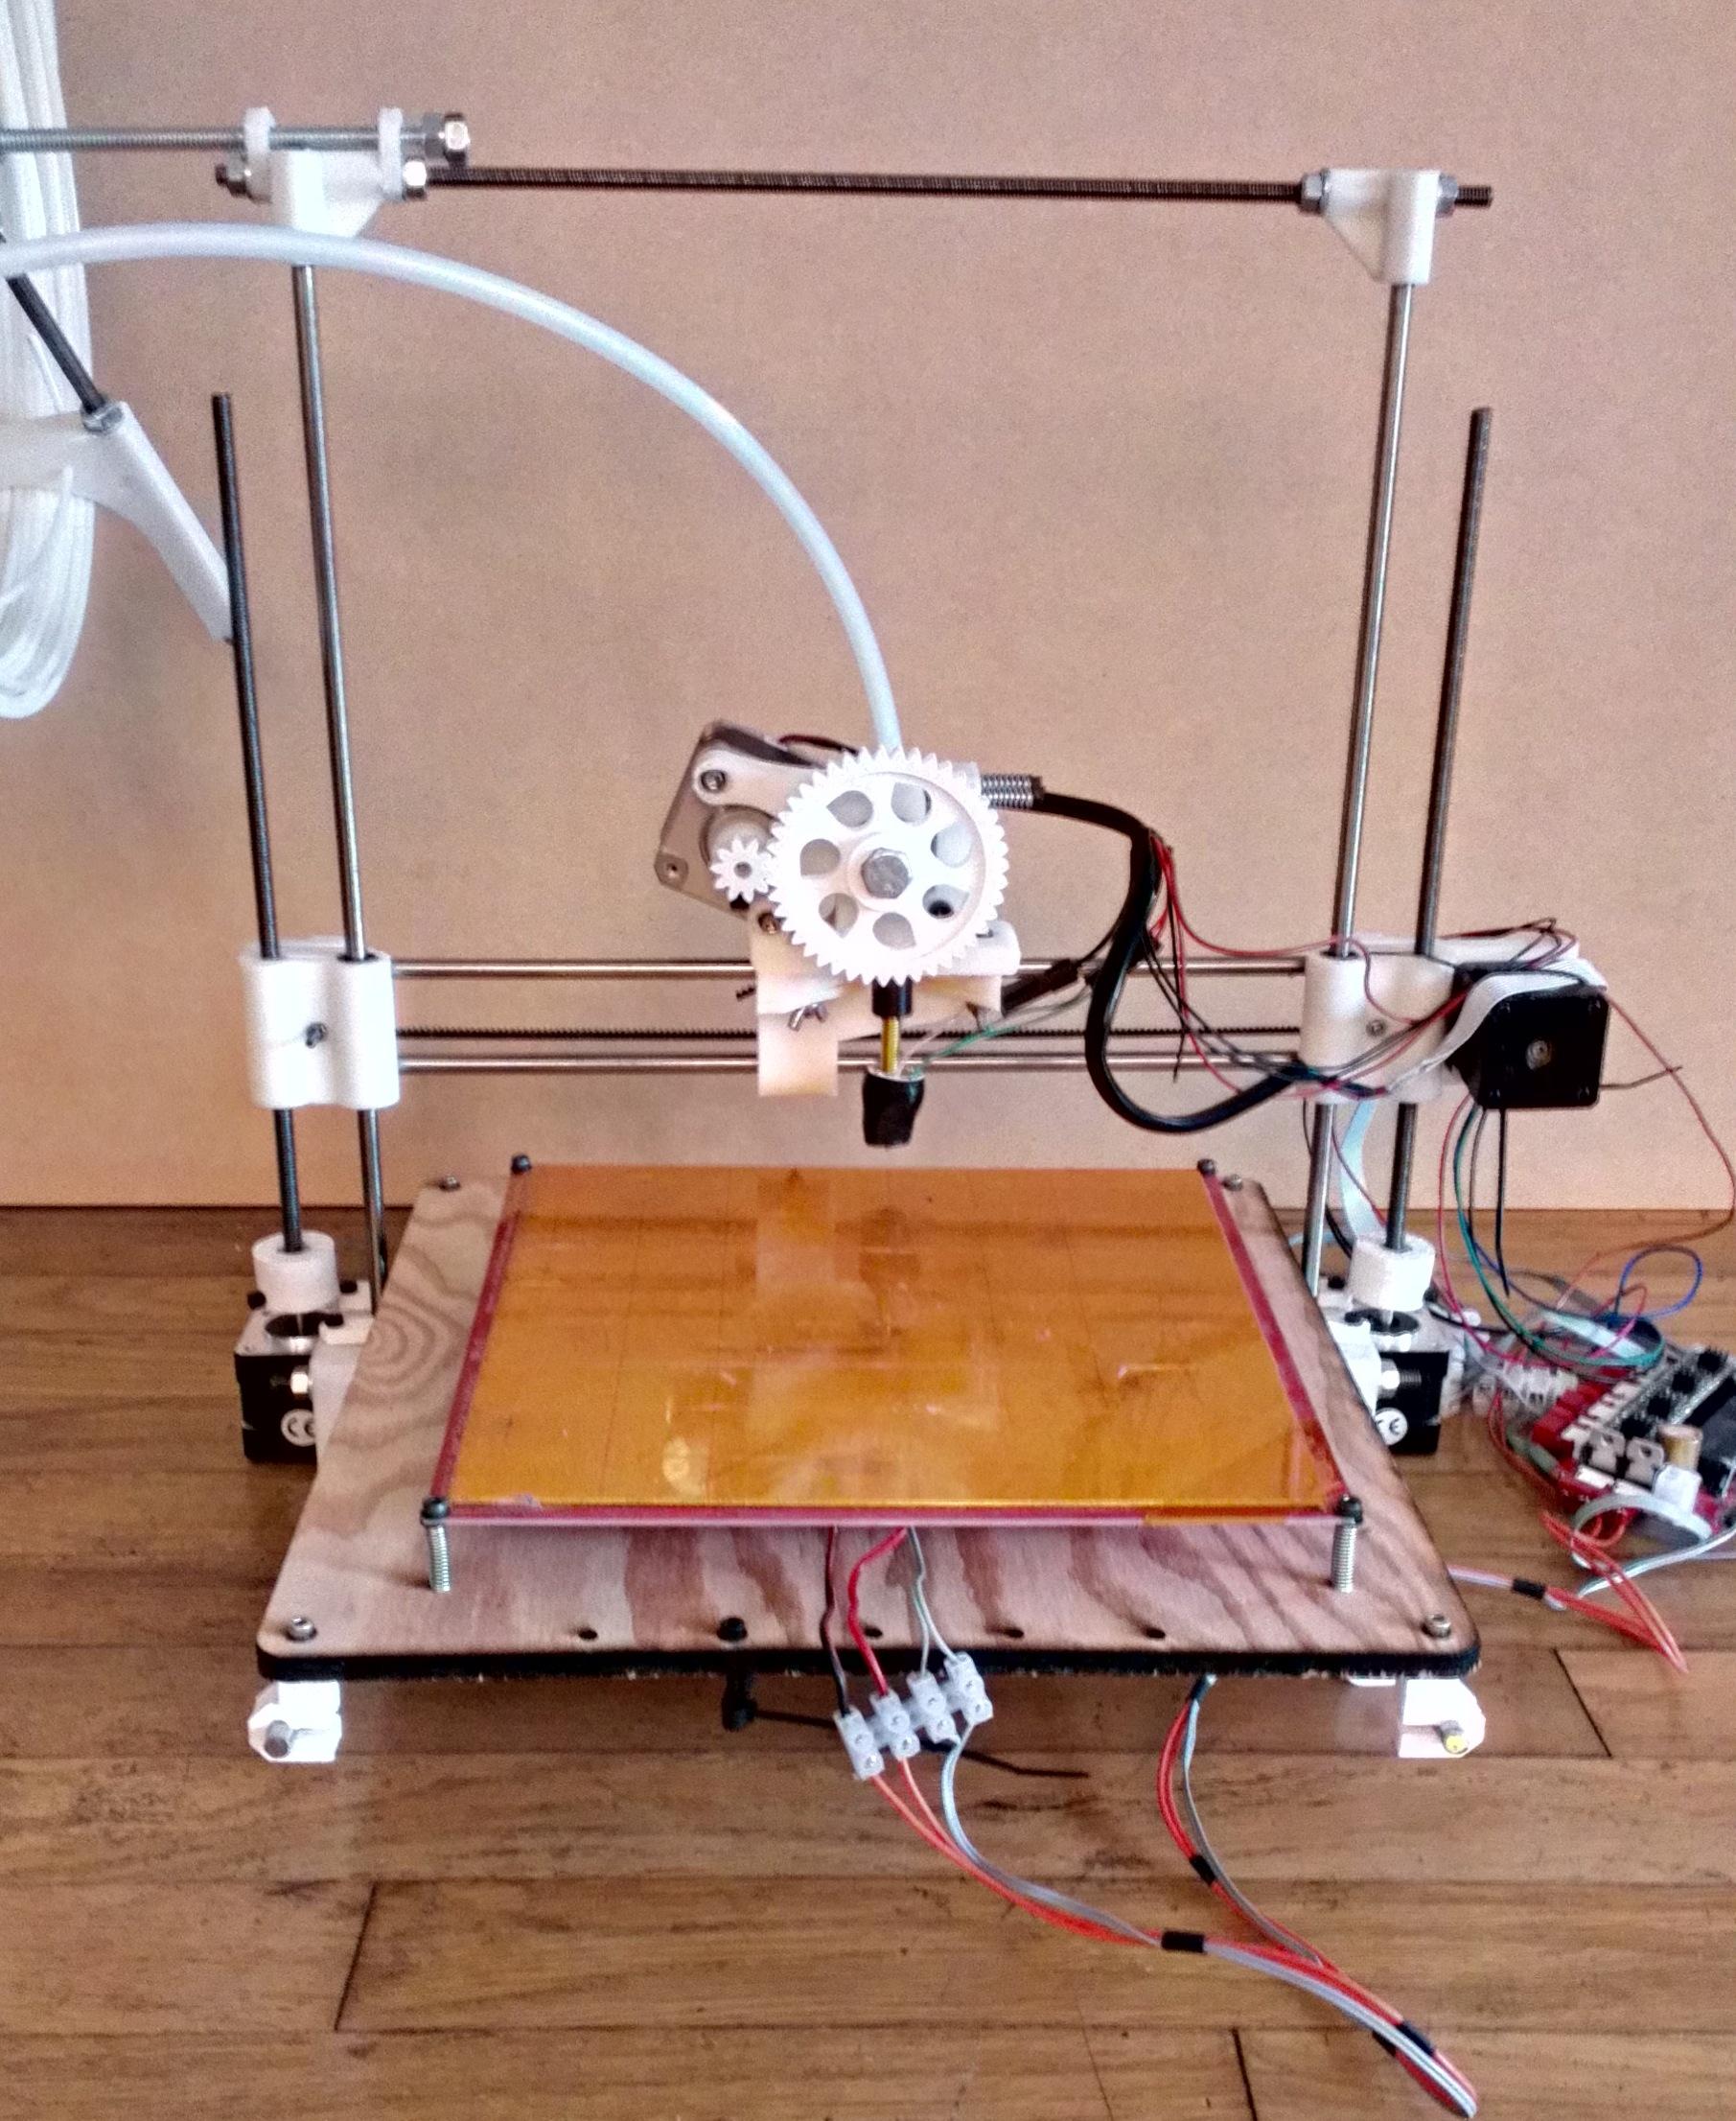 Нагреватель для 3d принтера своими руками